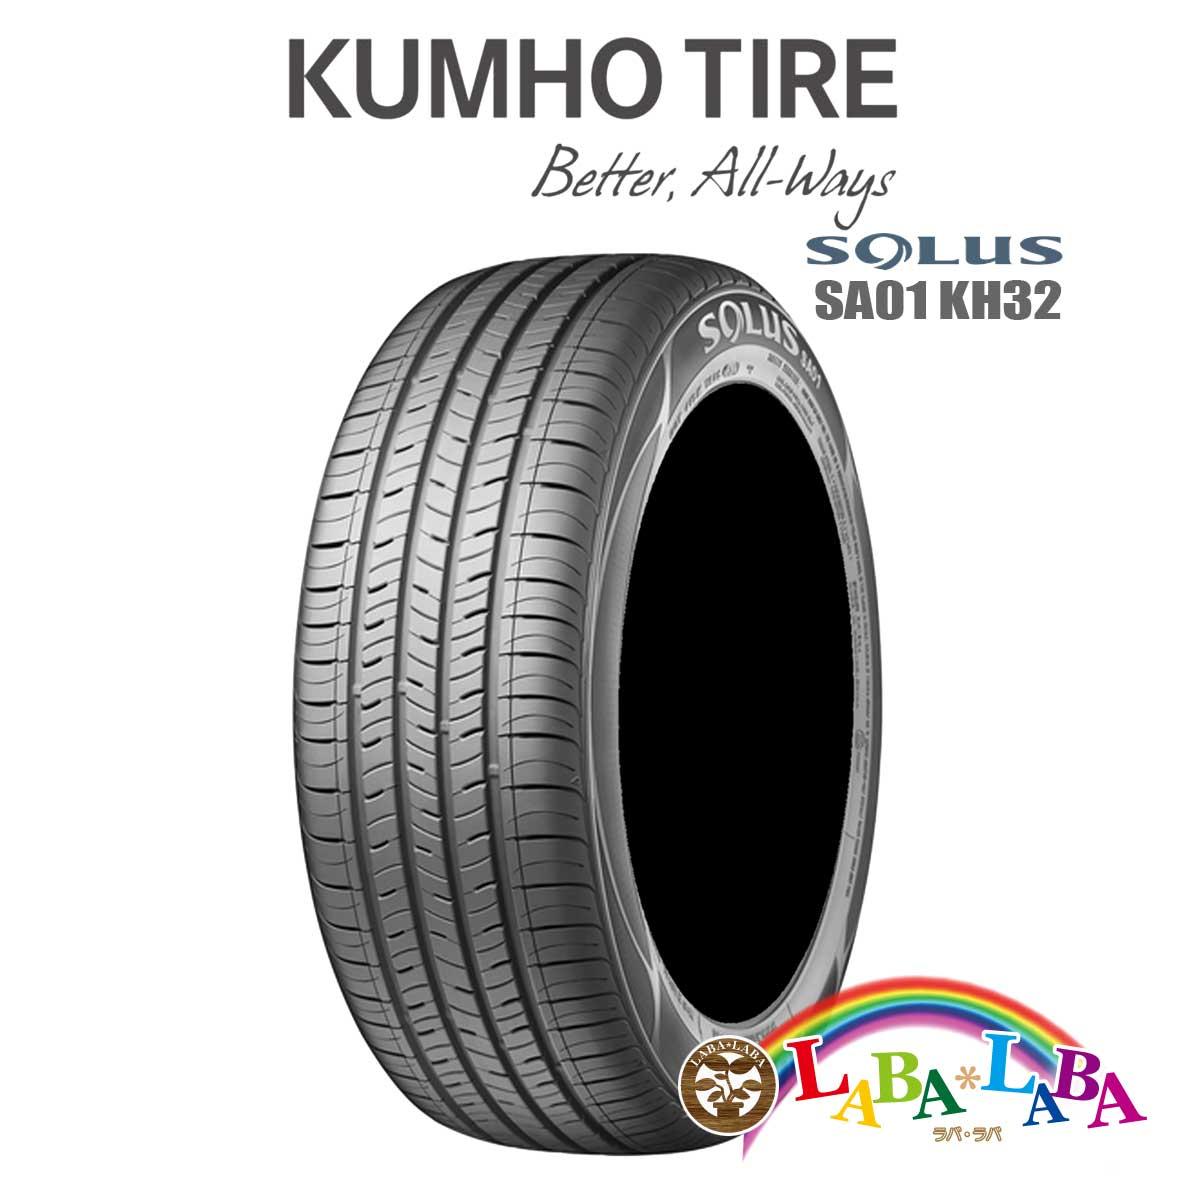 KUMHO クムホ SOLUS ソルウス KH32 225/45R17 91V サマータイヤ 4本セット 2017年製 ●